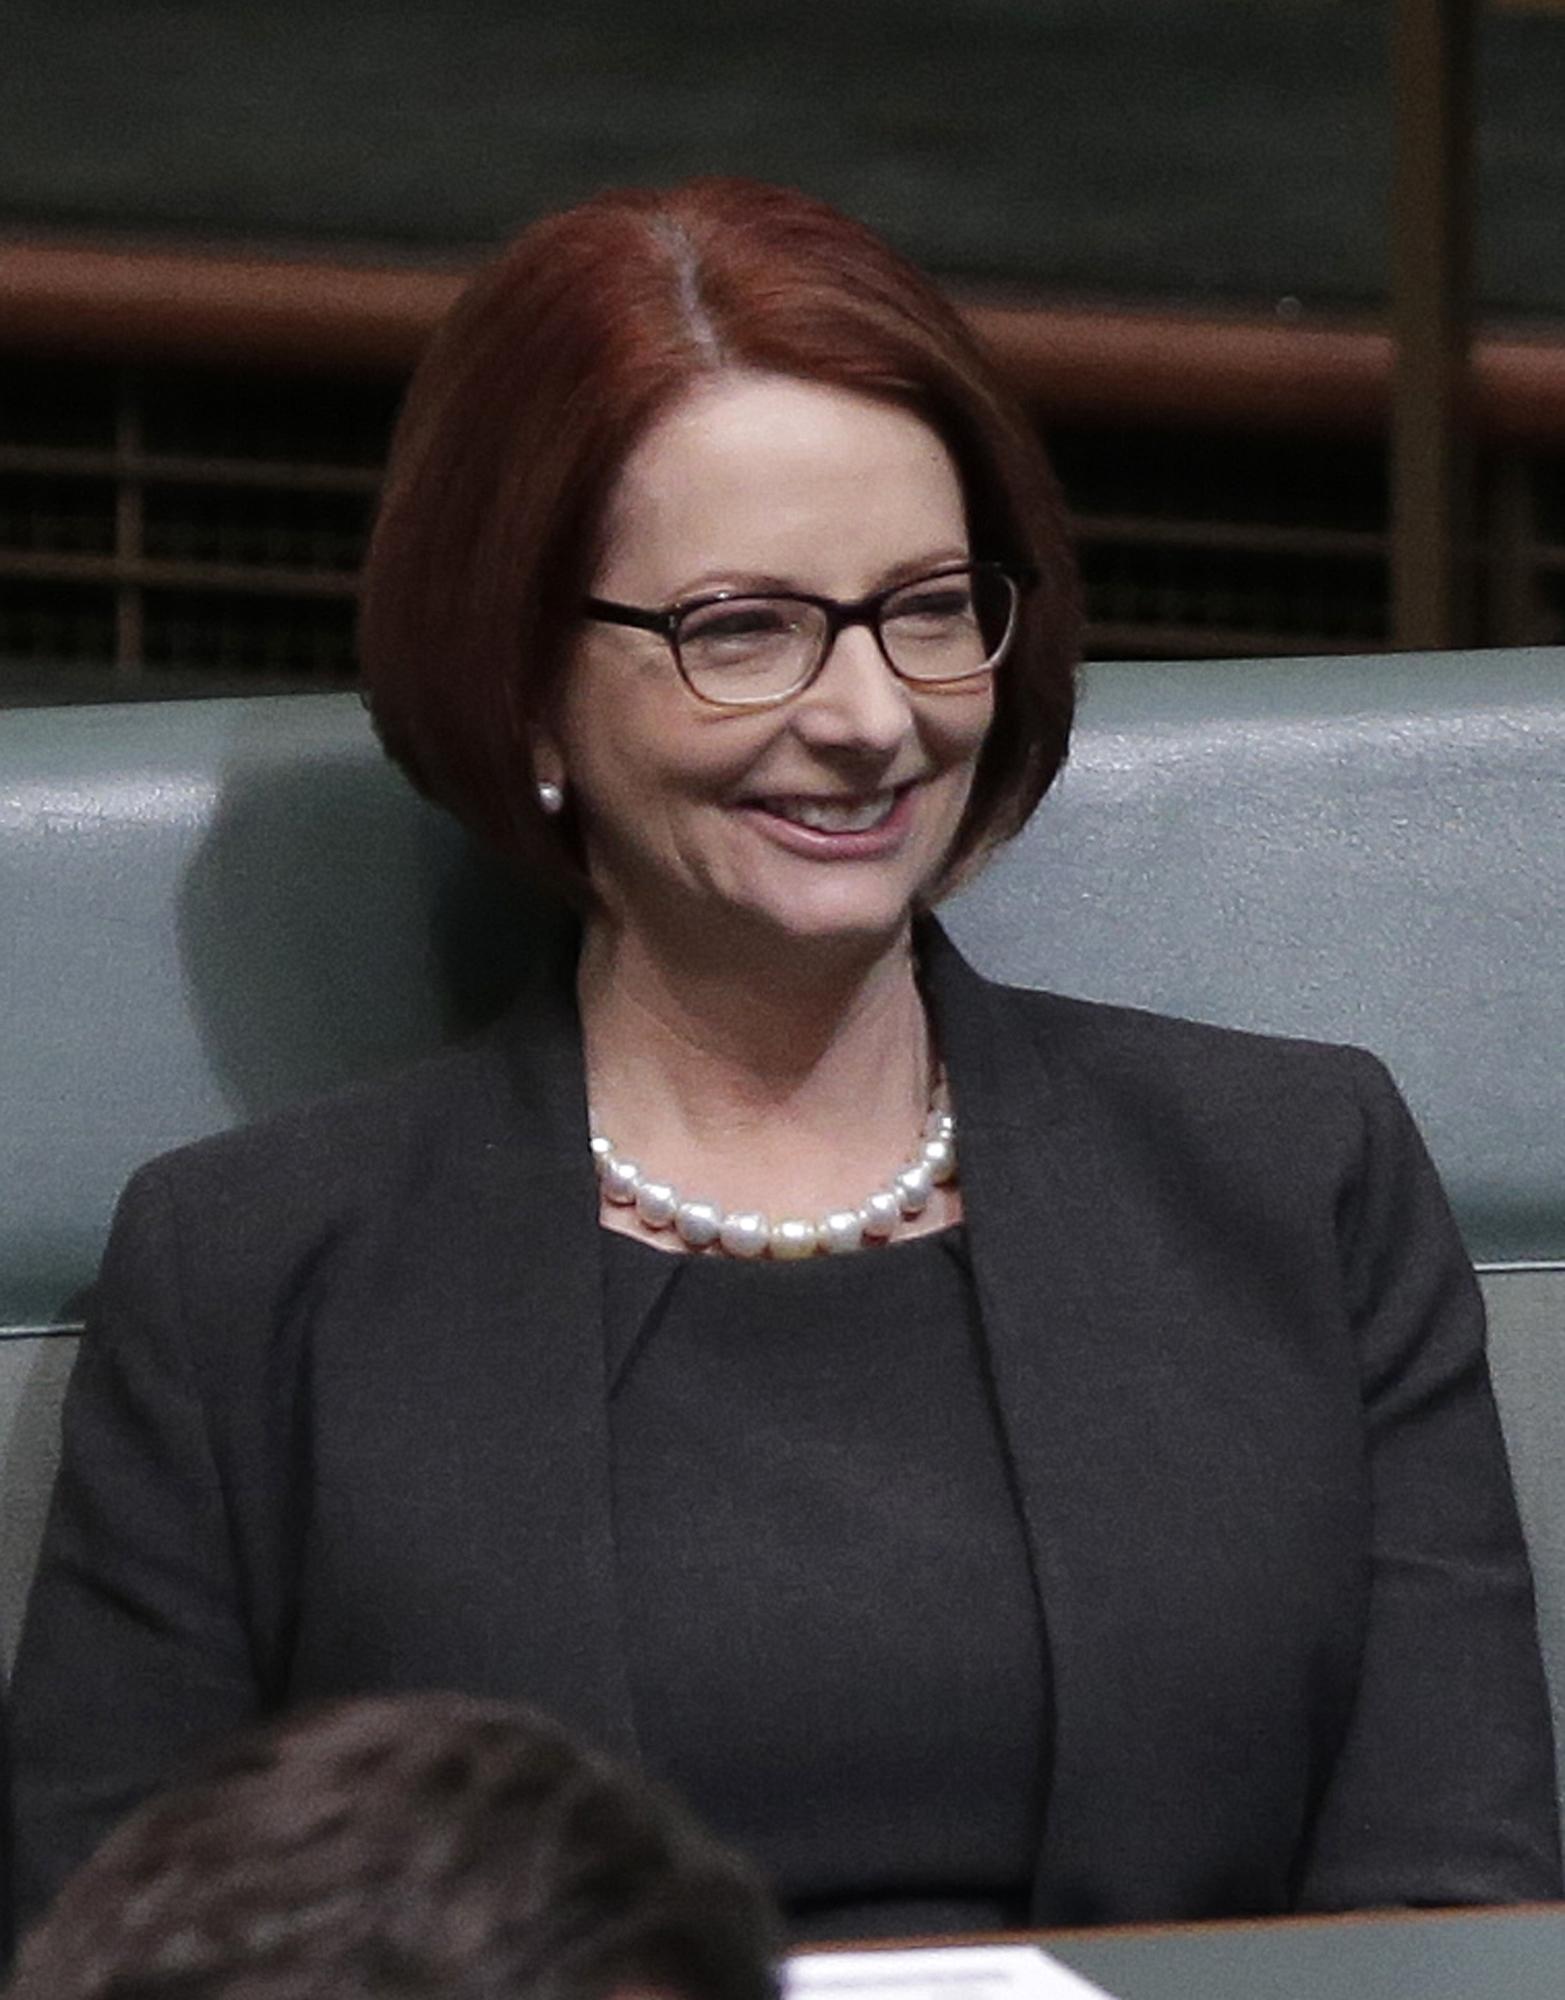 2019 Julia Gillard nudes (63 photos), Ass, Is a cute, Boobs, panties 2020